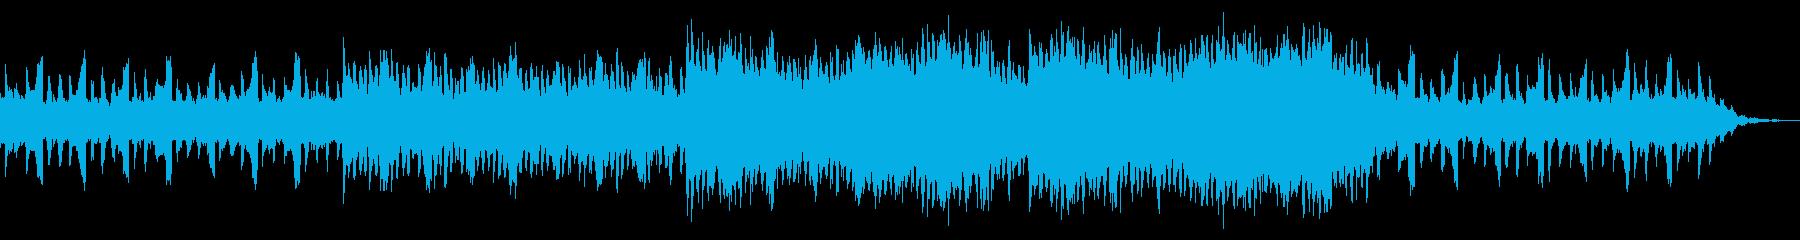 キラキラきれいなピアノコーポレートbの再生済みの波形